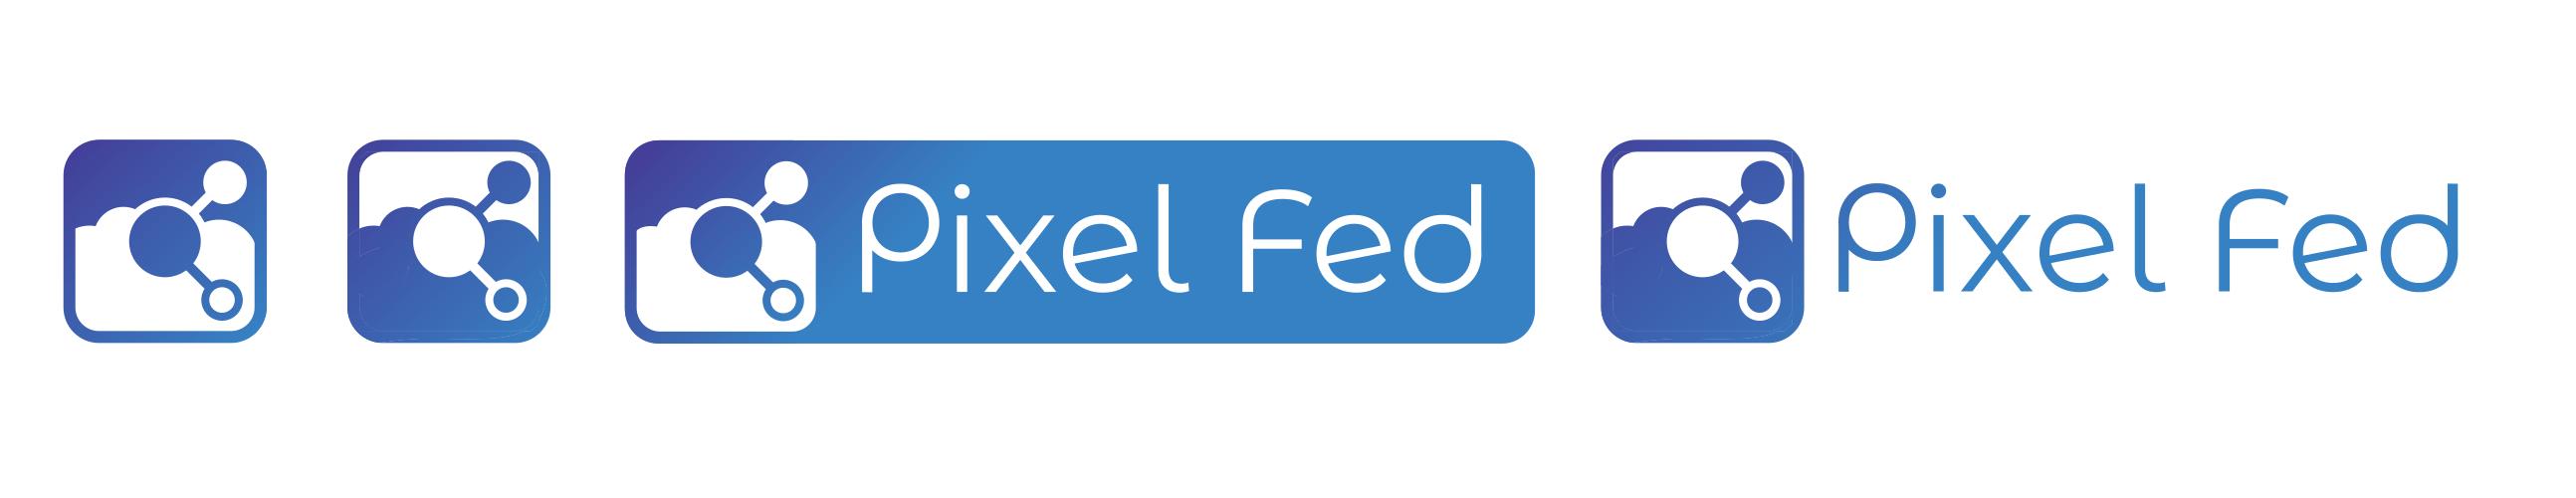 pixelfed-logo-p1